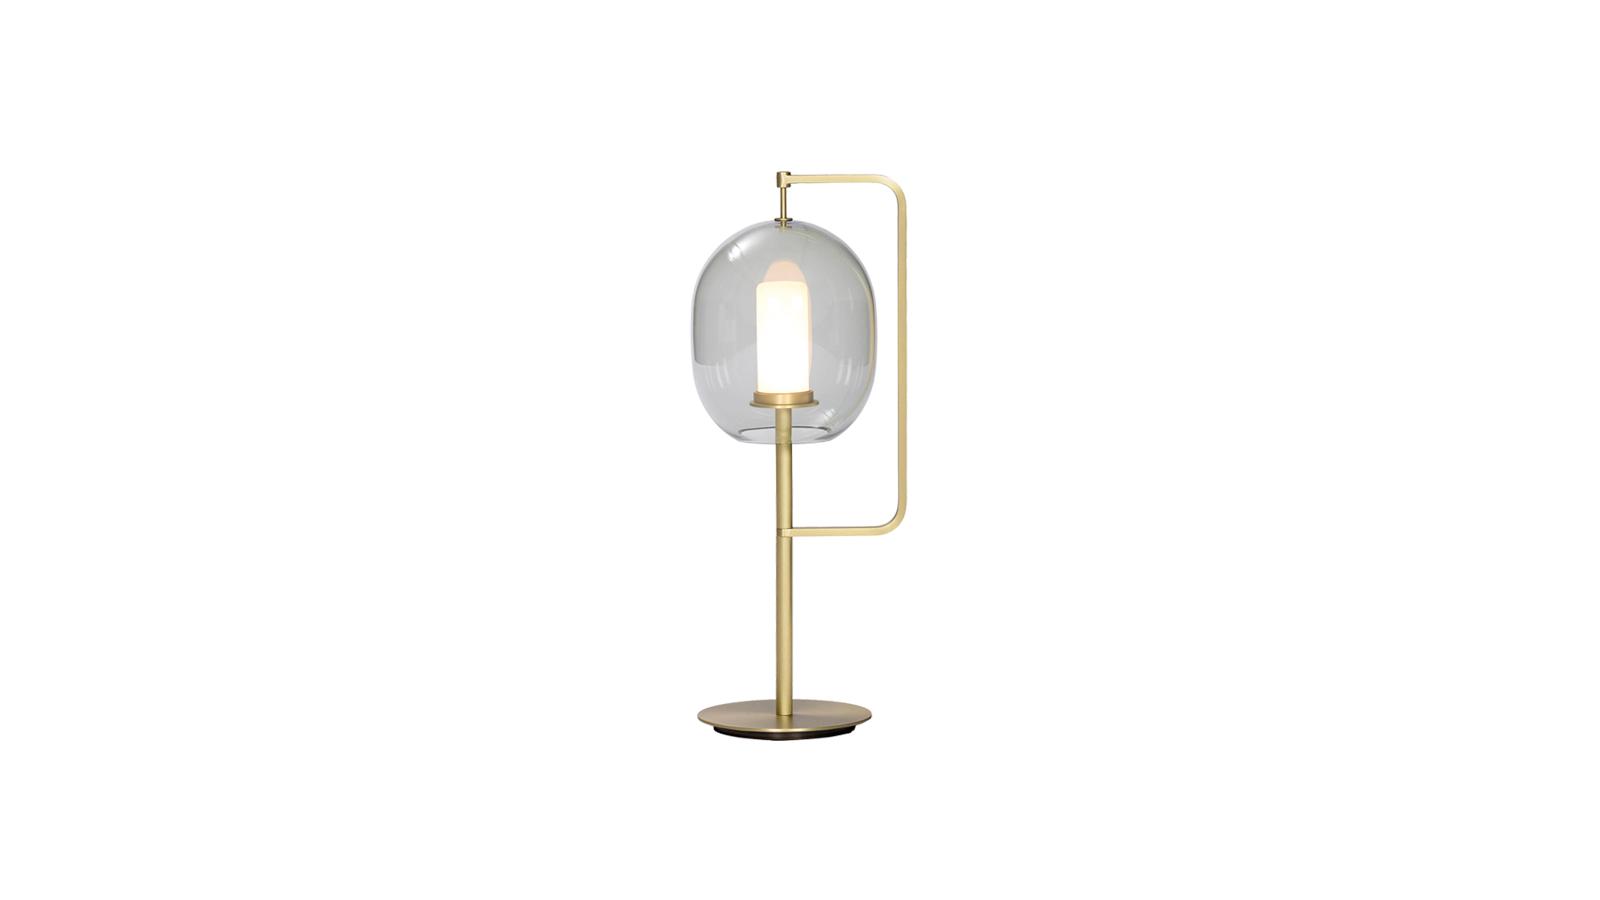 A Neri & Hu tervezőpáros által megálmodott asztali lámpát a fény egyik ősi formája: a fáklya ihlette, mely nem több, mint egy függőlegesen tartott bot végén fellobbanó láng. A tervezők 'mindössze' annyit tettek, hogy a klasszikus formát modern technológiák segítségével átfogalmazták, majd színezett üveg bura mögé rejtették, hogy a lámpa fénye minél hangulatosabb legyen.